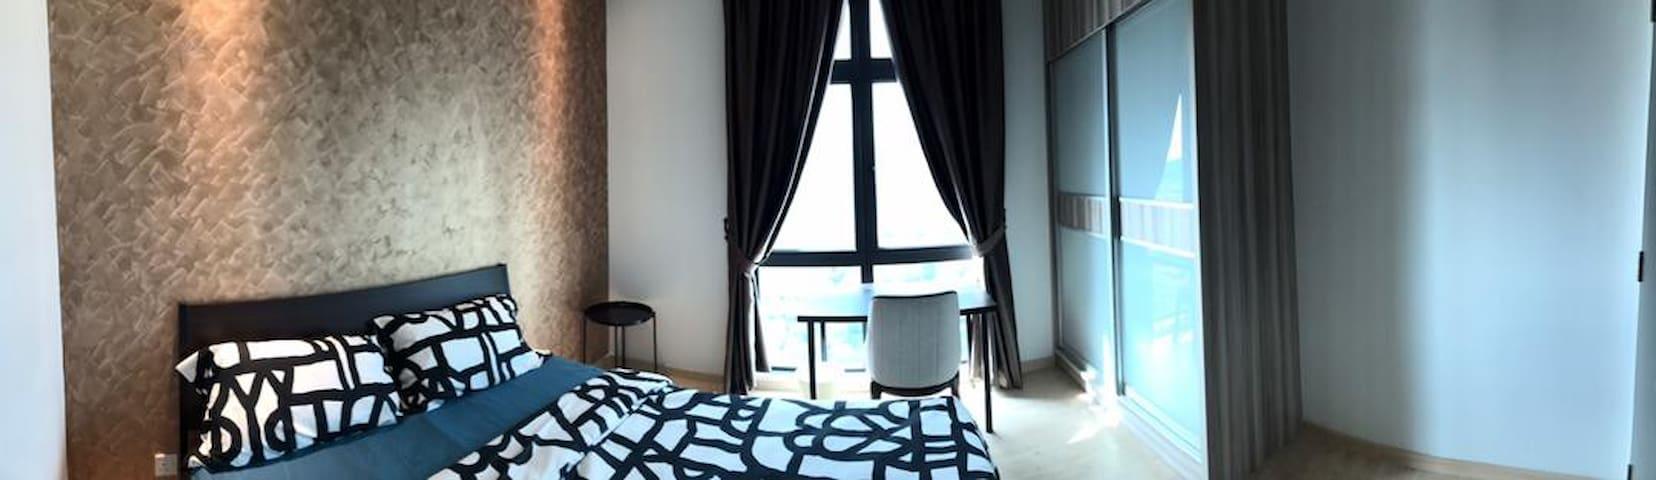 舒适豪华吉隆坡Cosy Luxury Private Room1@KL, Kepong, IKEA